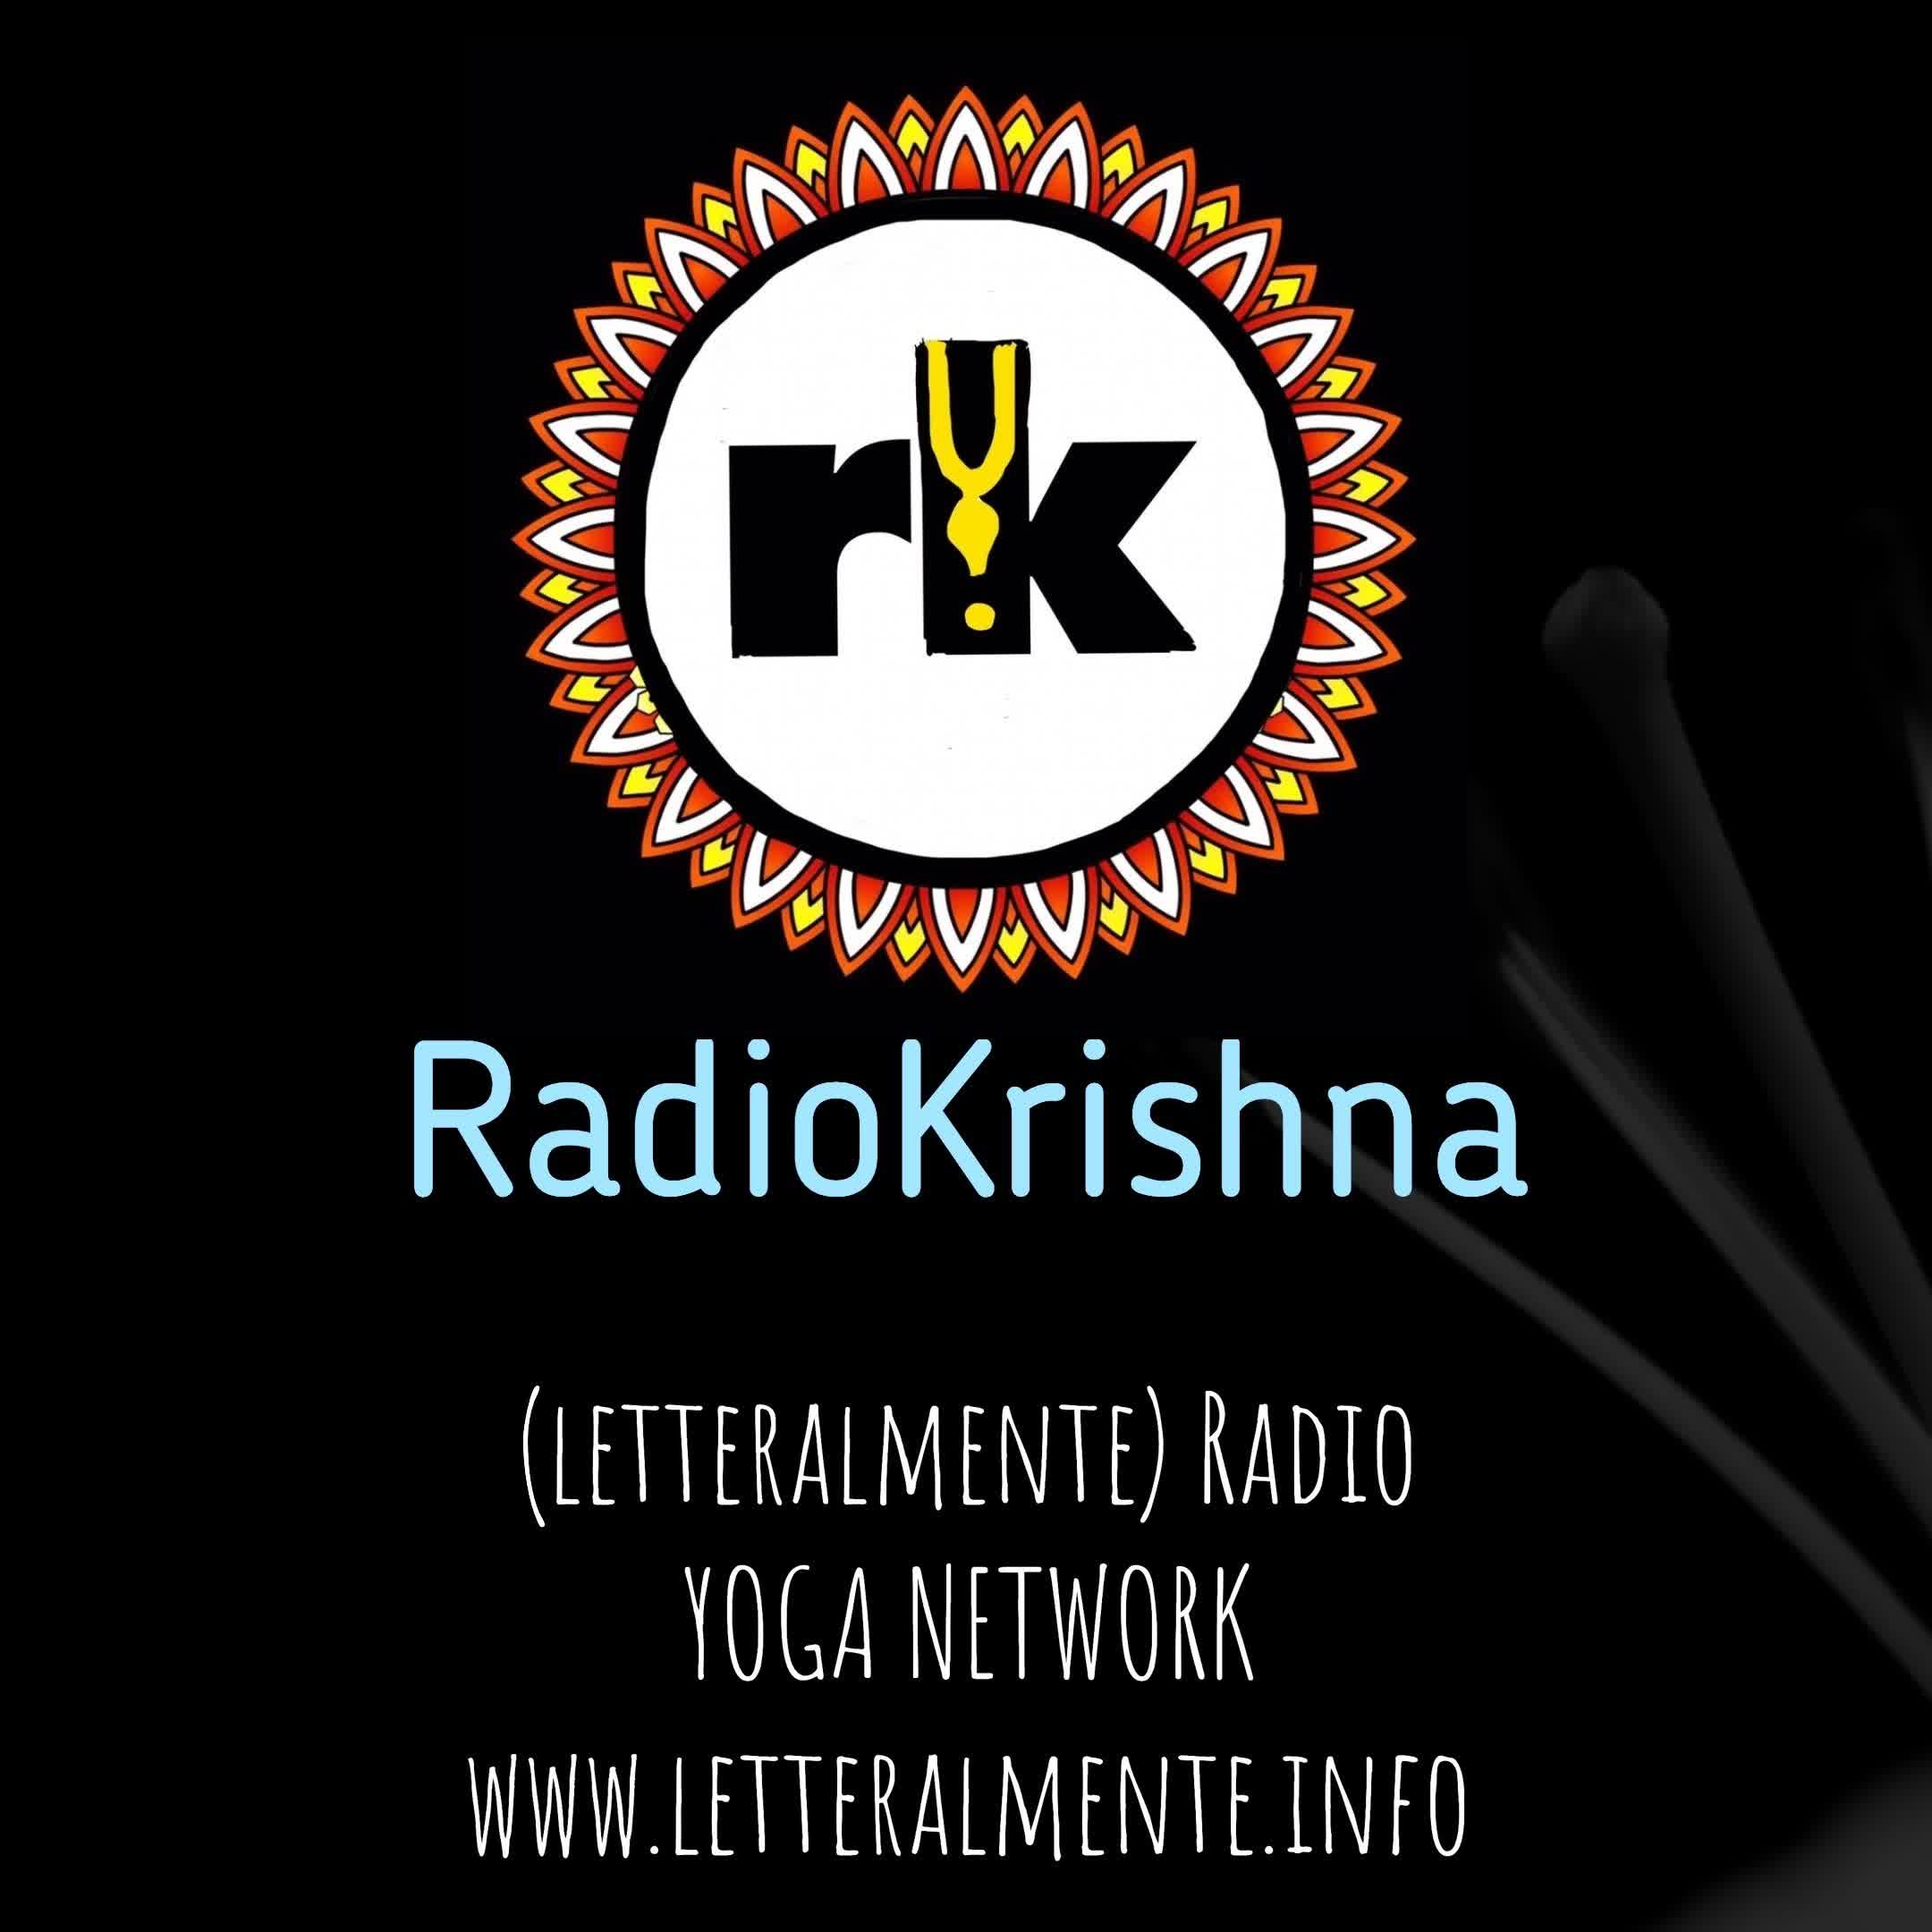 PROVE TECNICHE #live NuovaRKC RadioKrishnaLIVE in diretta